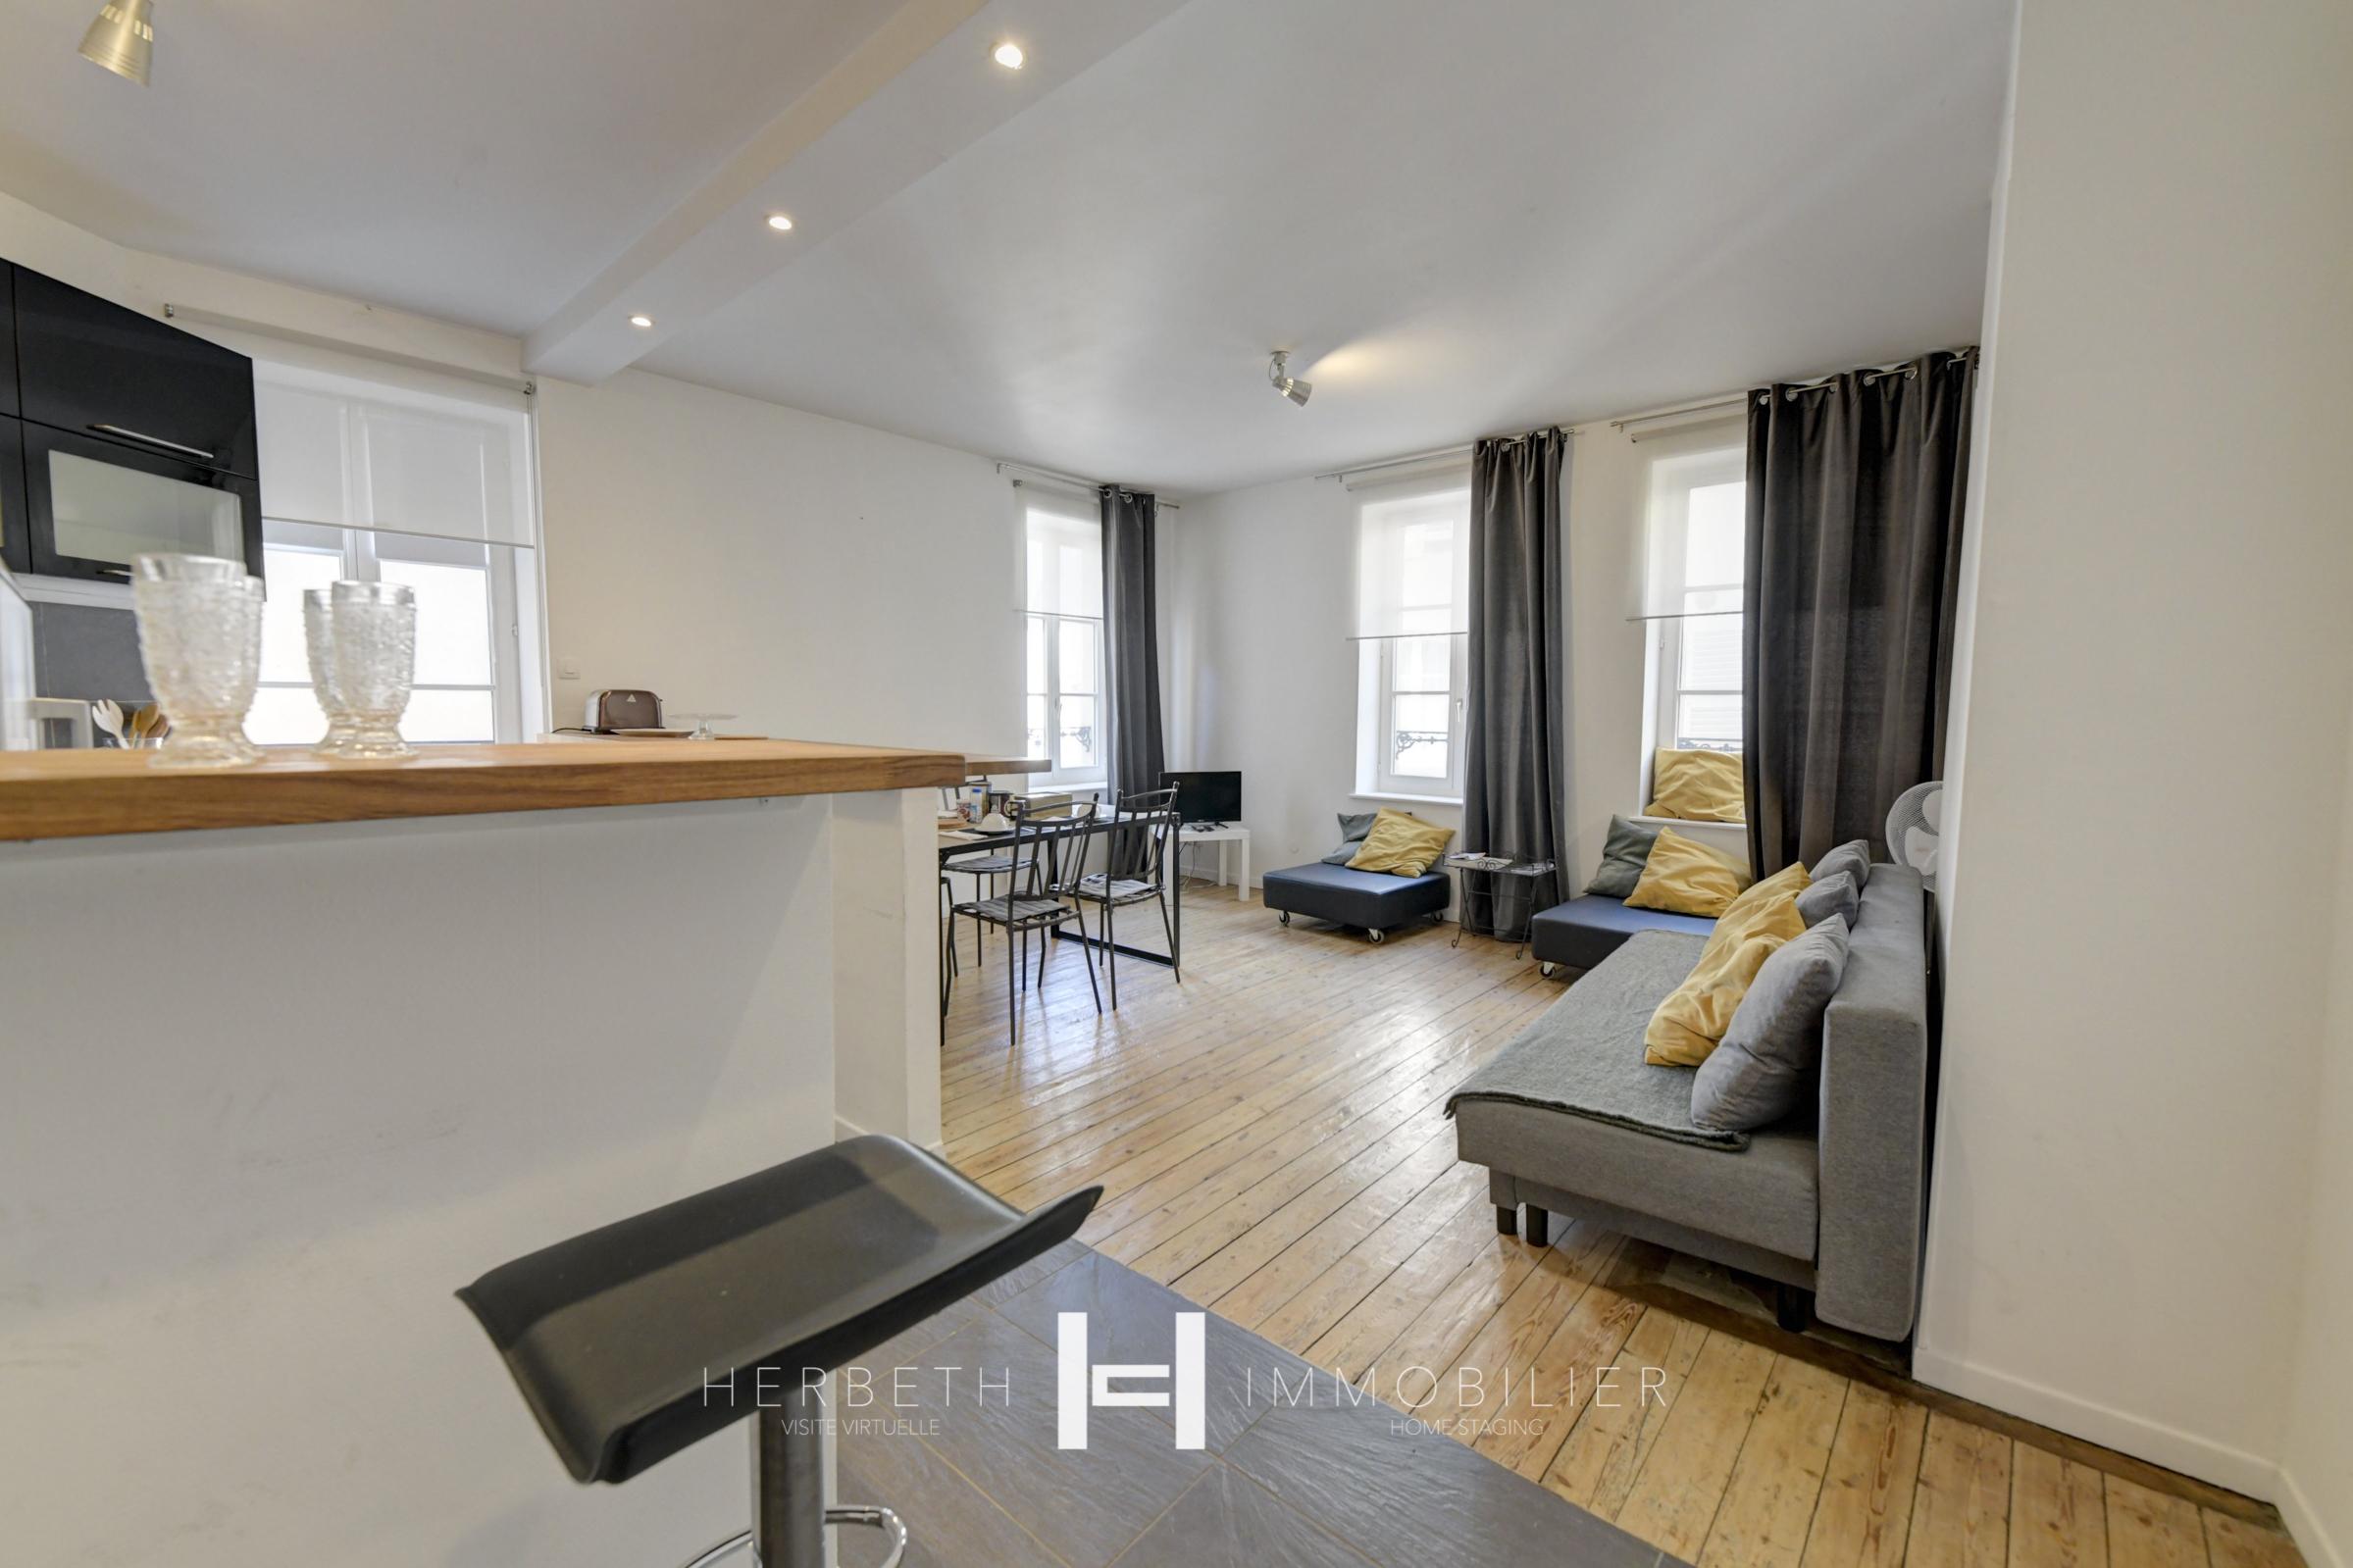 Location saisonnière Appartement meublé Metz 67